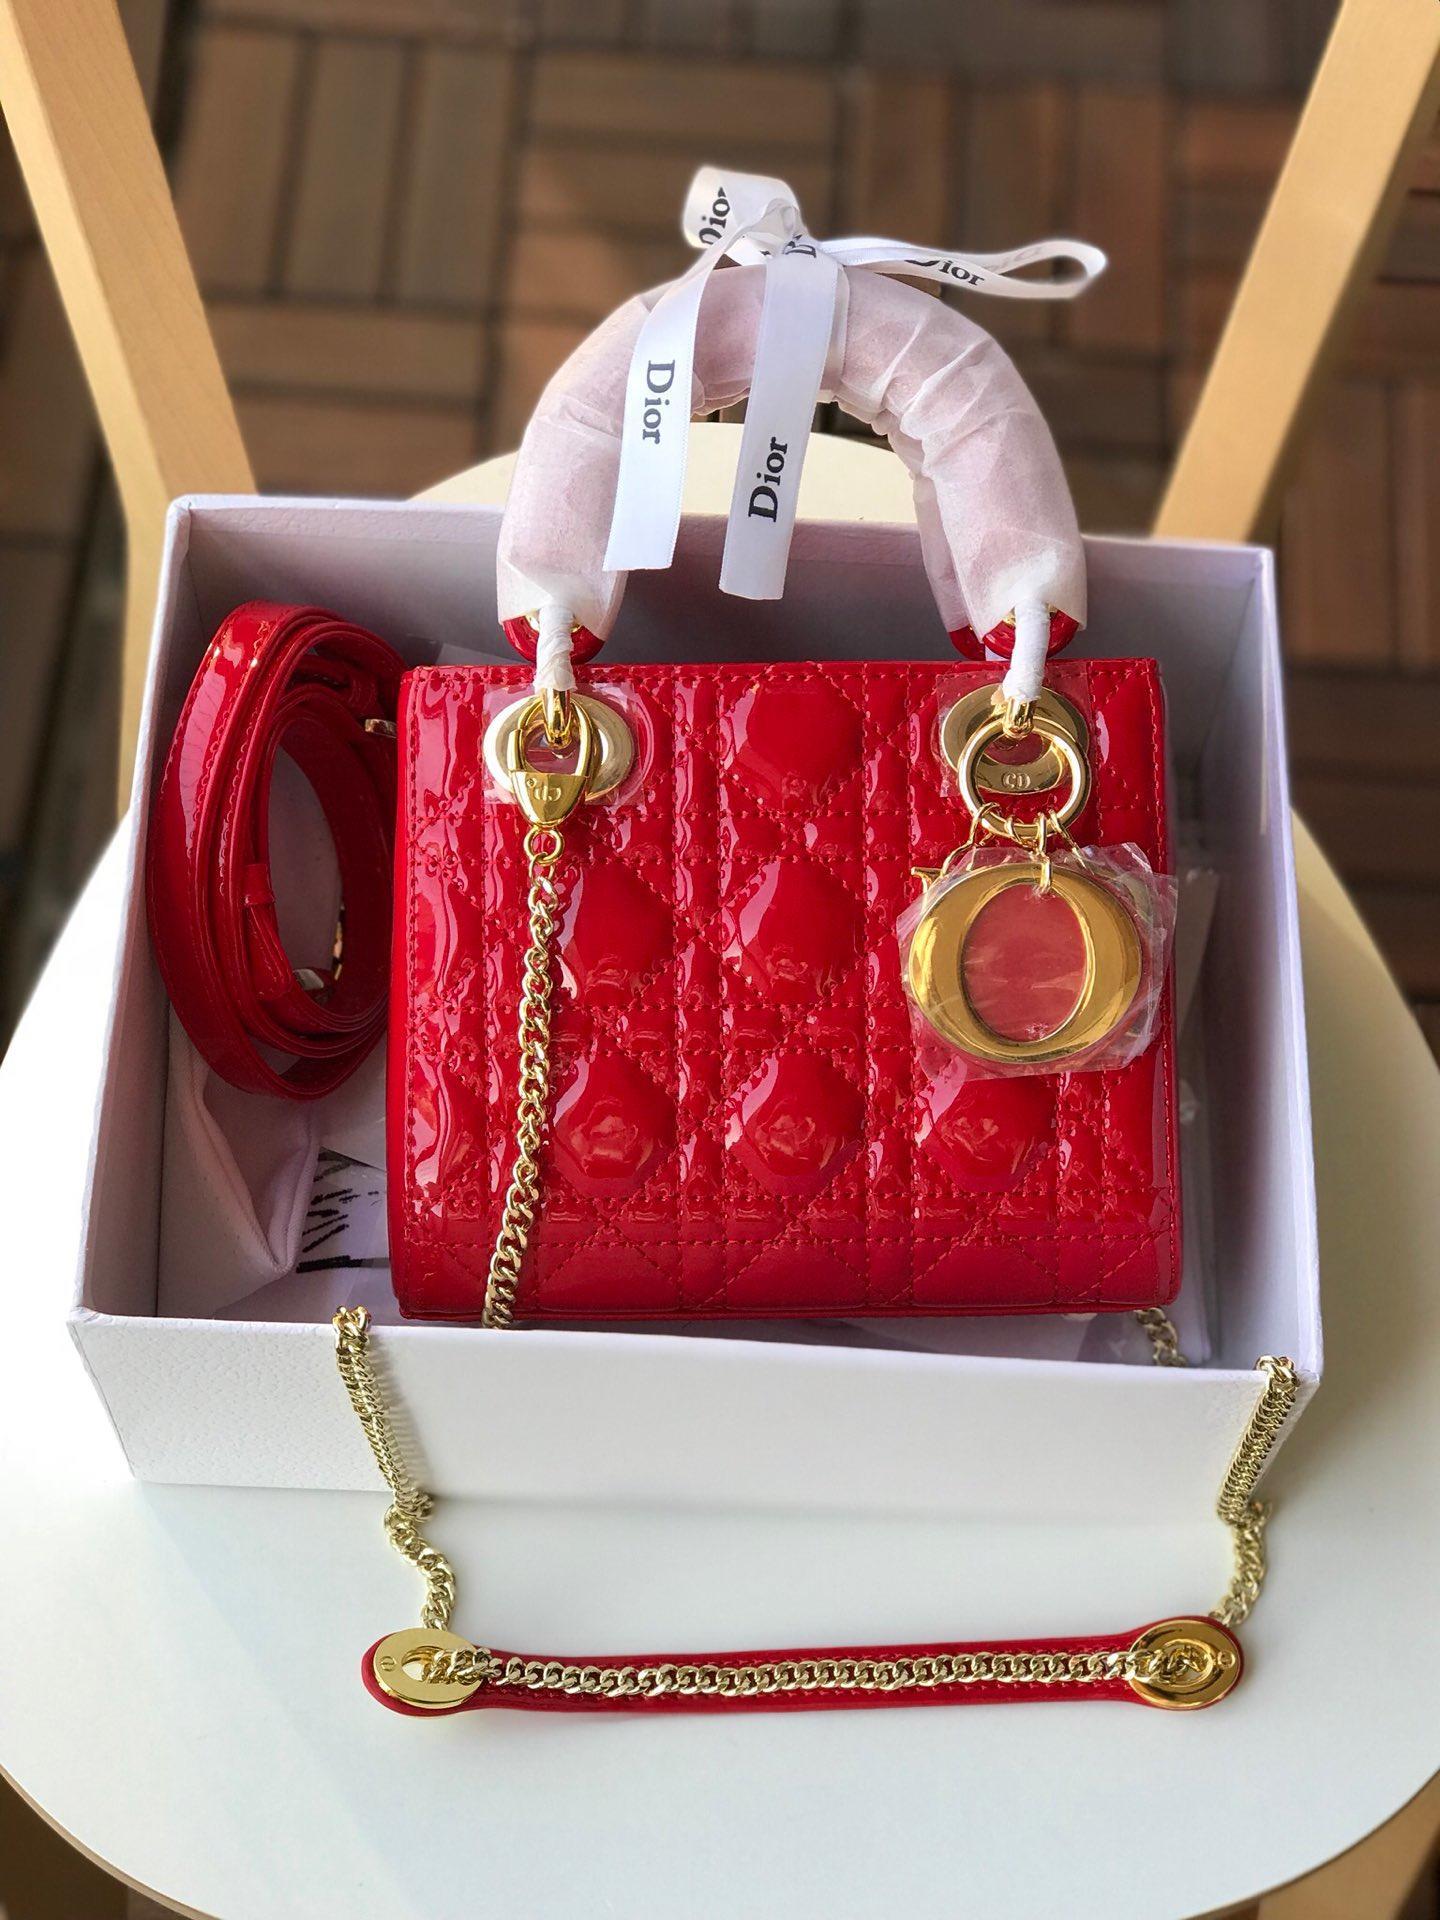 Replica Mini Dior Lady Calfskin Bag in Bright Red Patent Gold-tone Metal